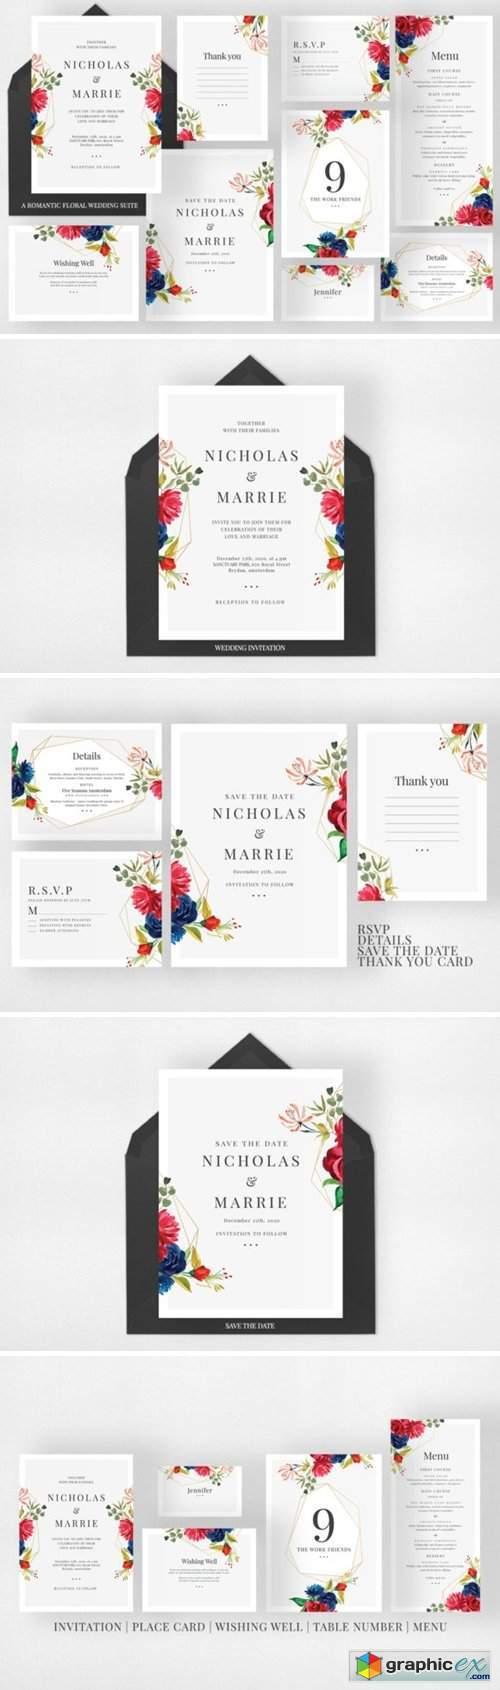 A Romantic Floral Wedding Suite